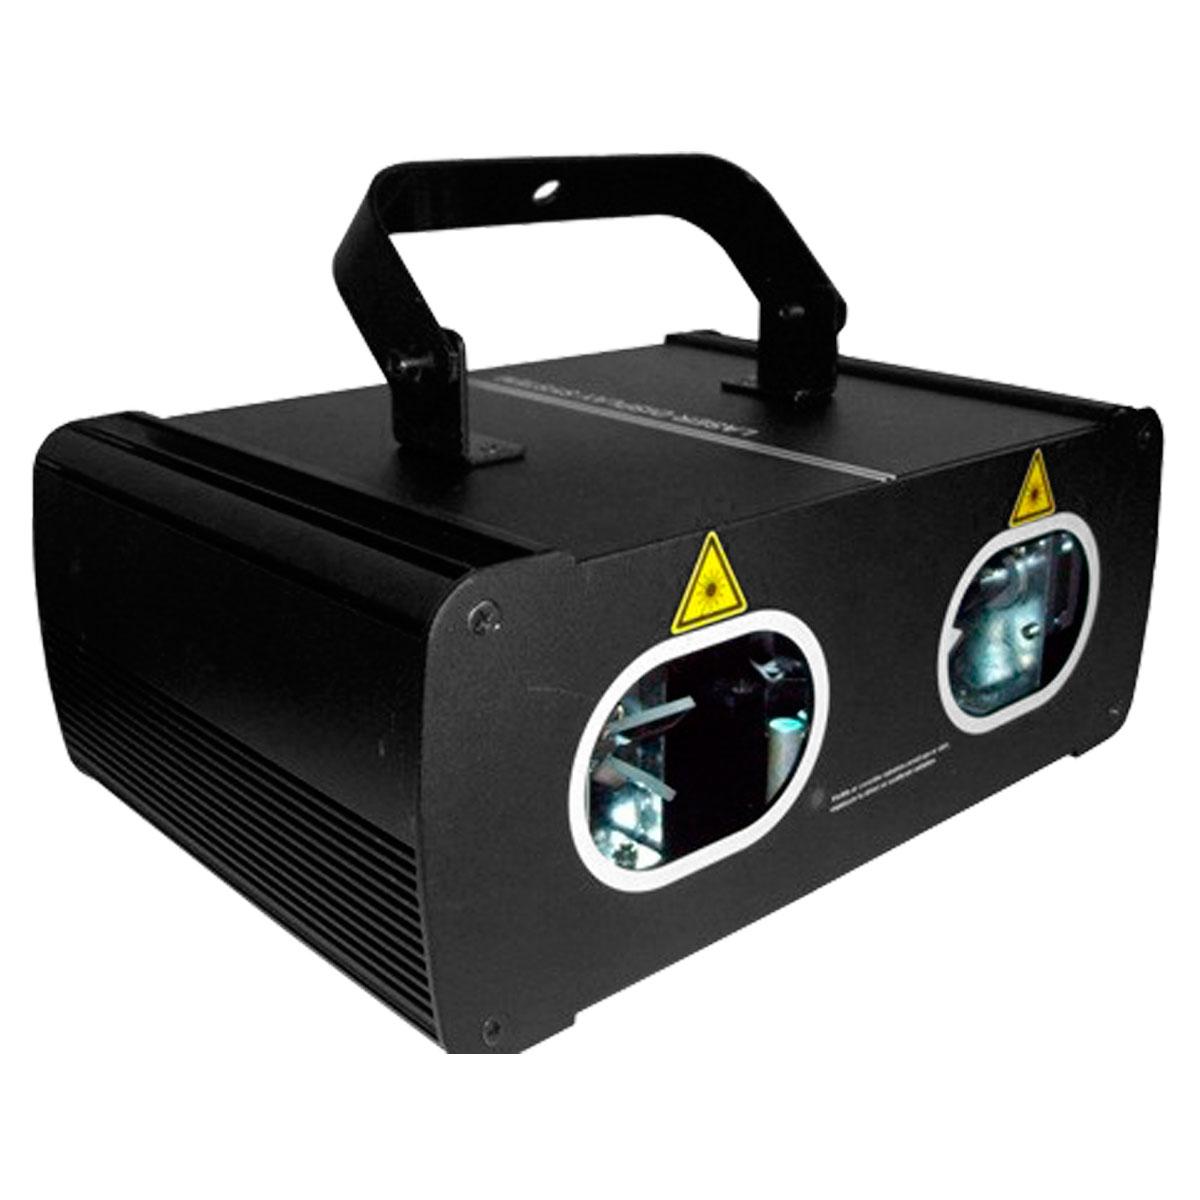 SP04 - Canh�o de Laser Azul 2 Bocas SP 04 - Spectrum